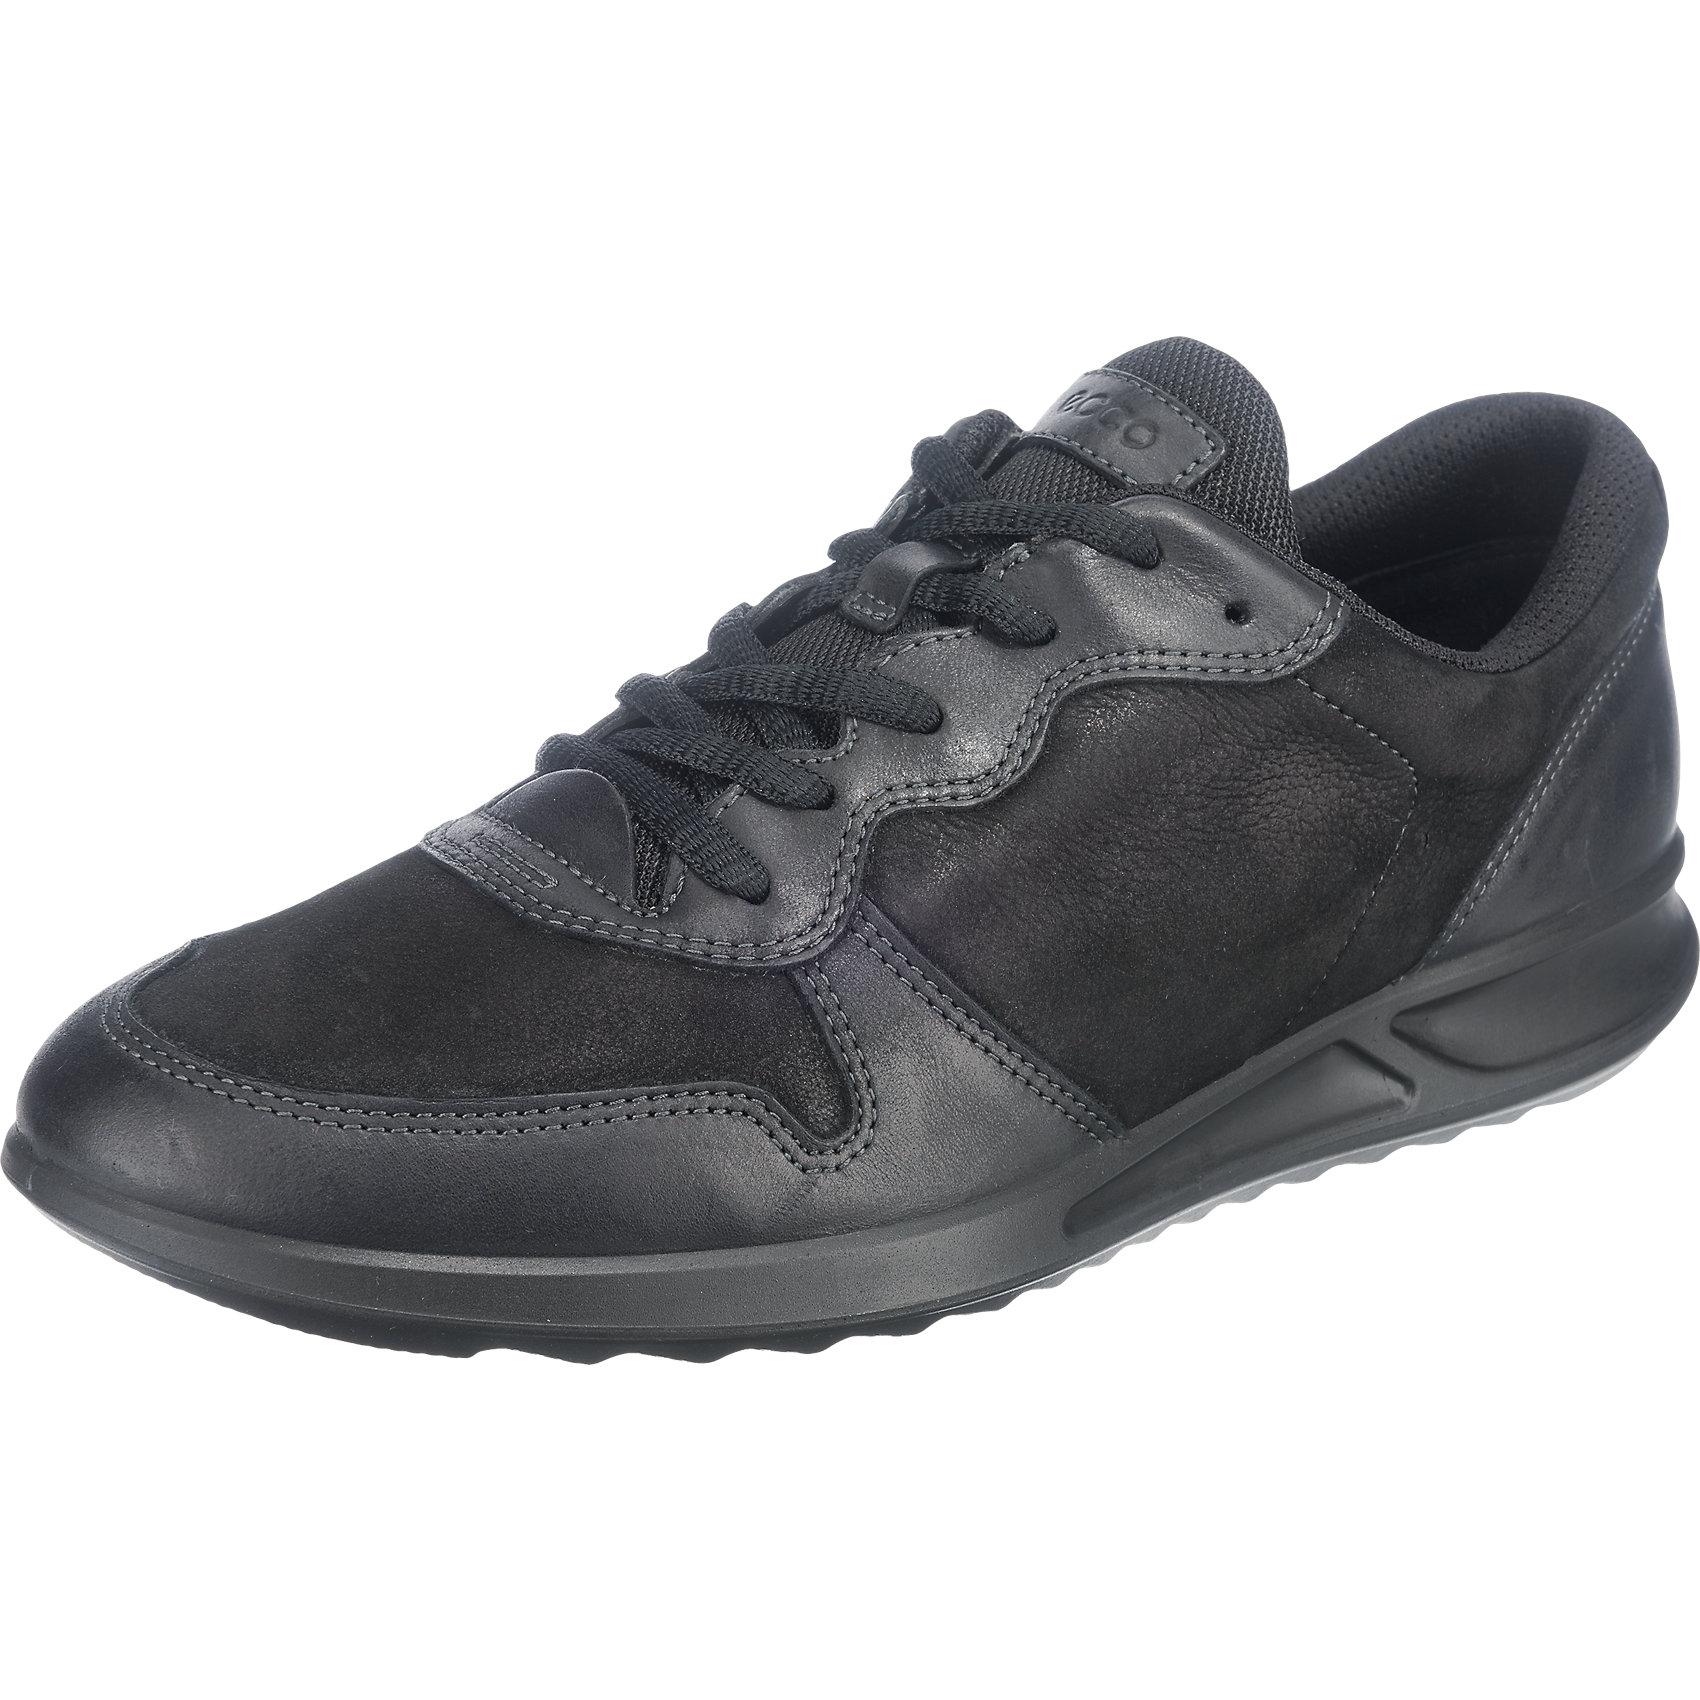 Neu ecco Genna Sneakers schwarz 5777301